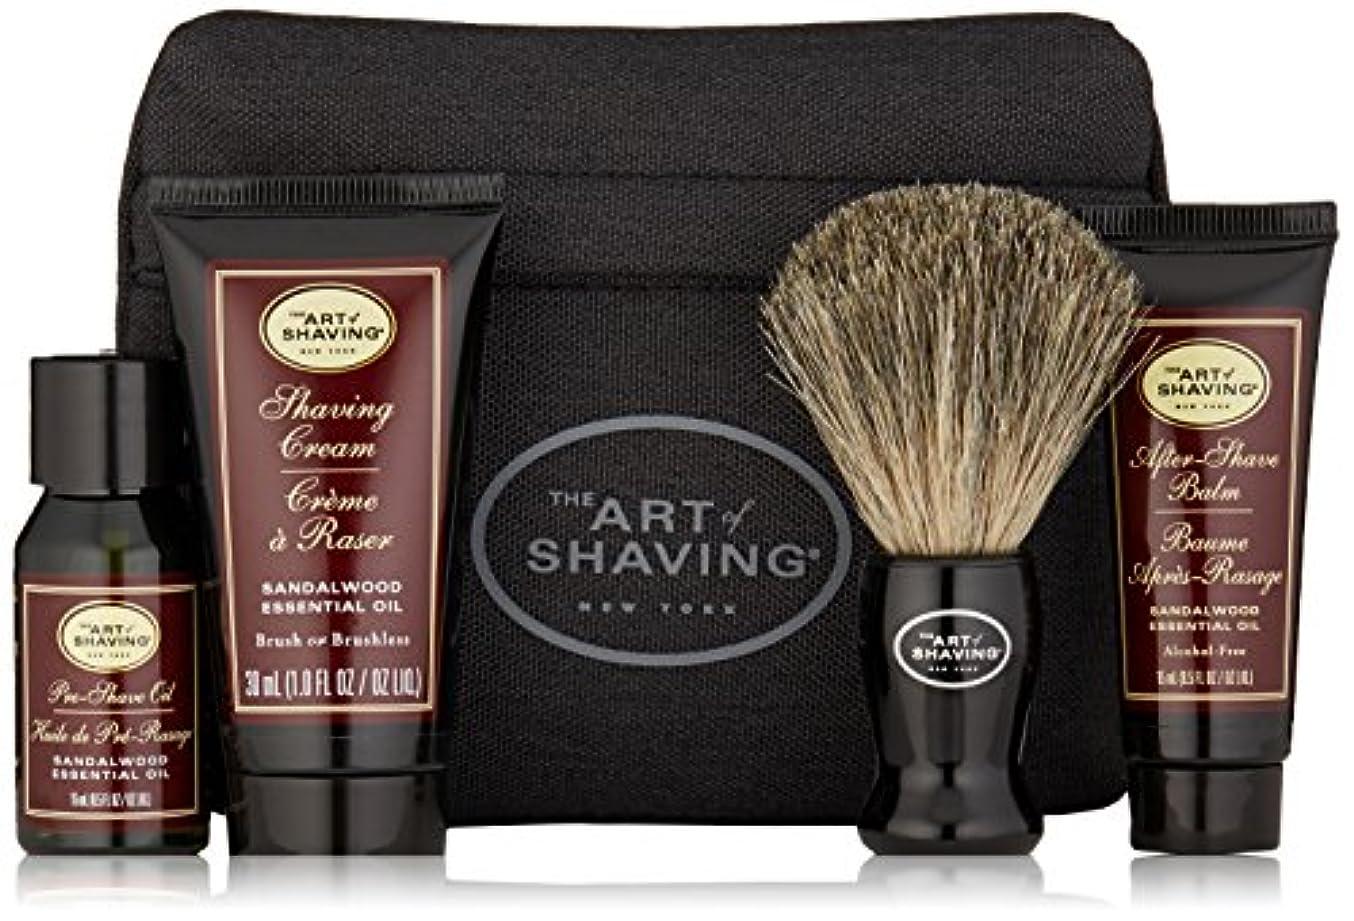 大声でカリキュラムがっかりするアートオブシェービング Starter Kit - Sandalwood: Pre Shave Oil + Shaving Cream + After Shave Balm + Brush + Bag 4pcs + 1Bag...